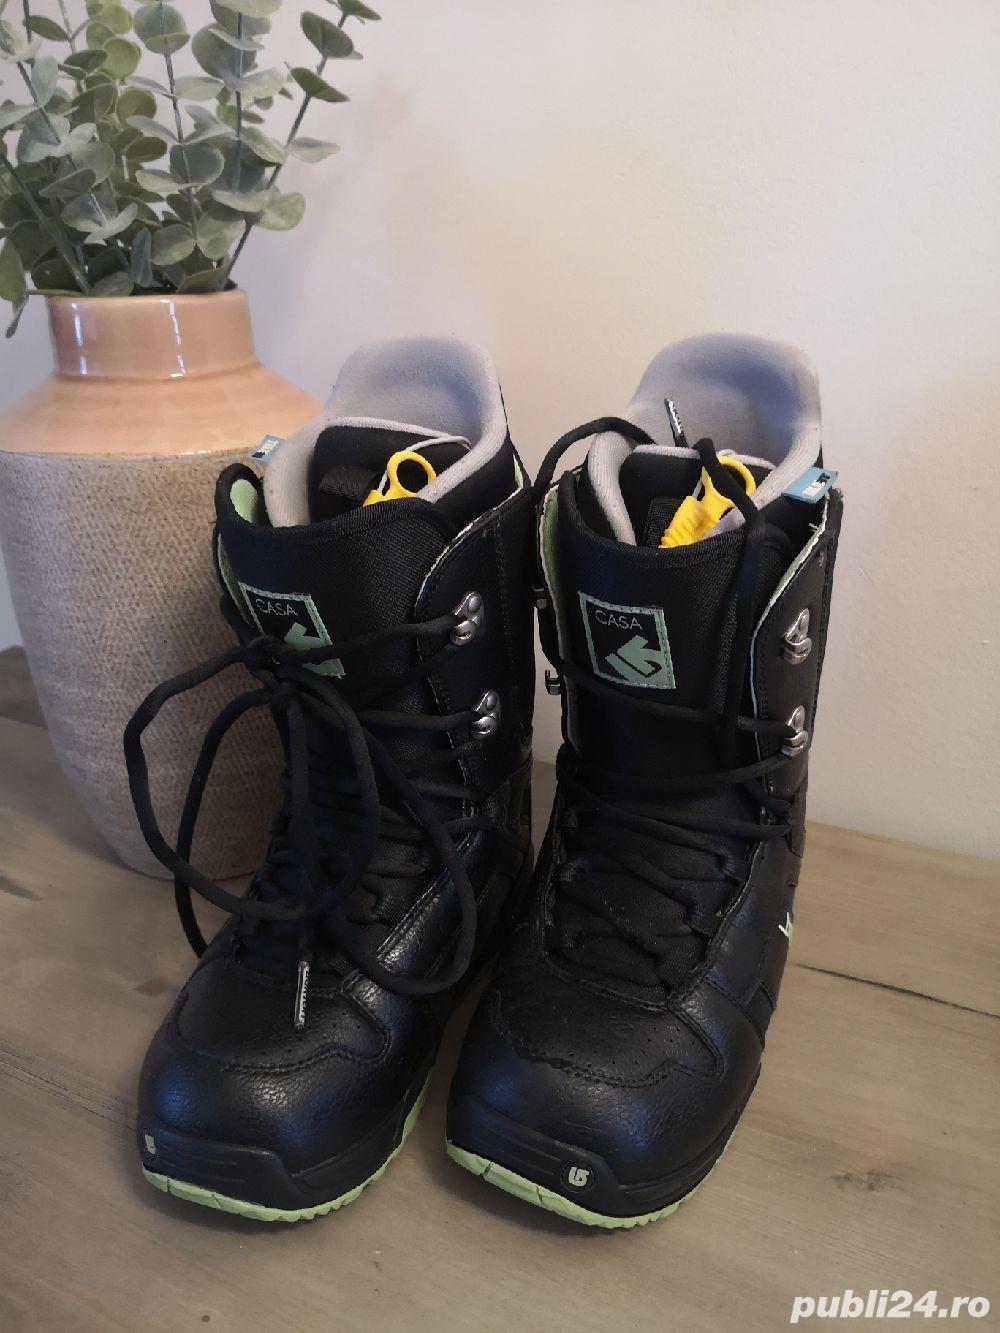 Boots snowboard Burton Casa - dame - mărime 37